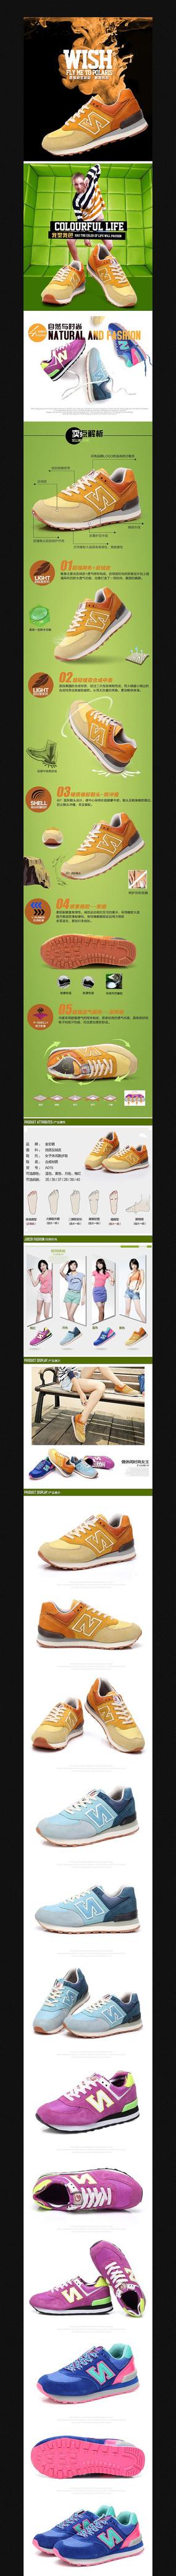 淘宝女鞋细节描述图